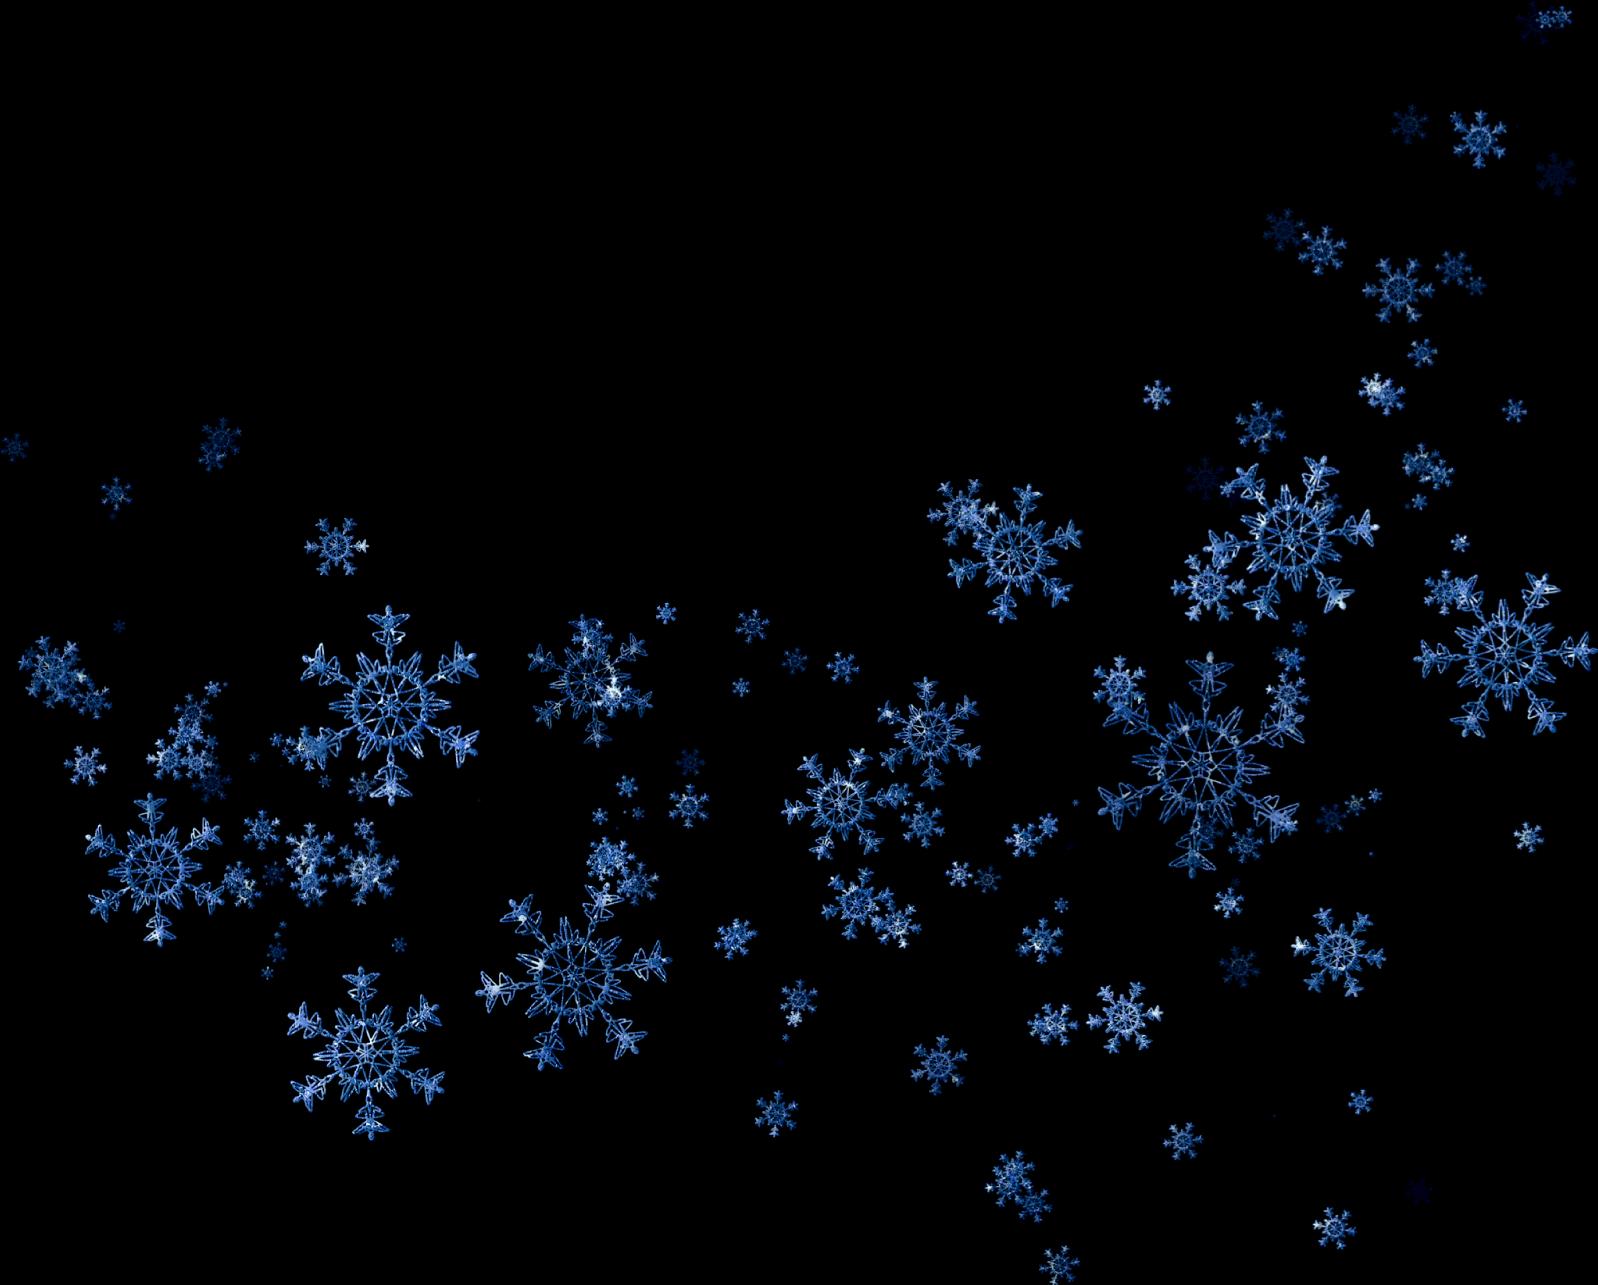 Snow Nieve Copo Copos Snowflake Snowflakes Nevada Snowf